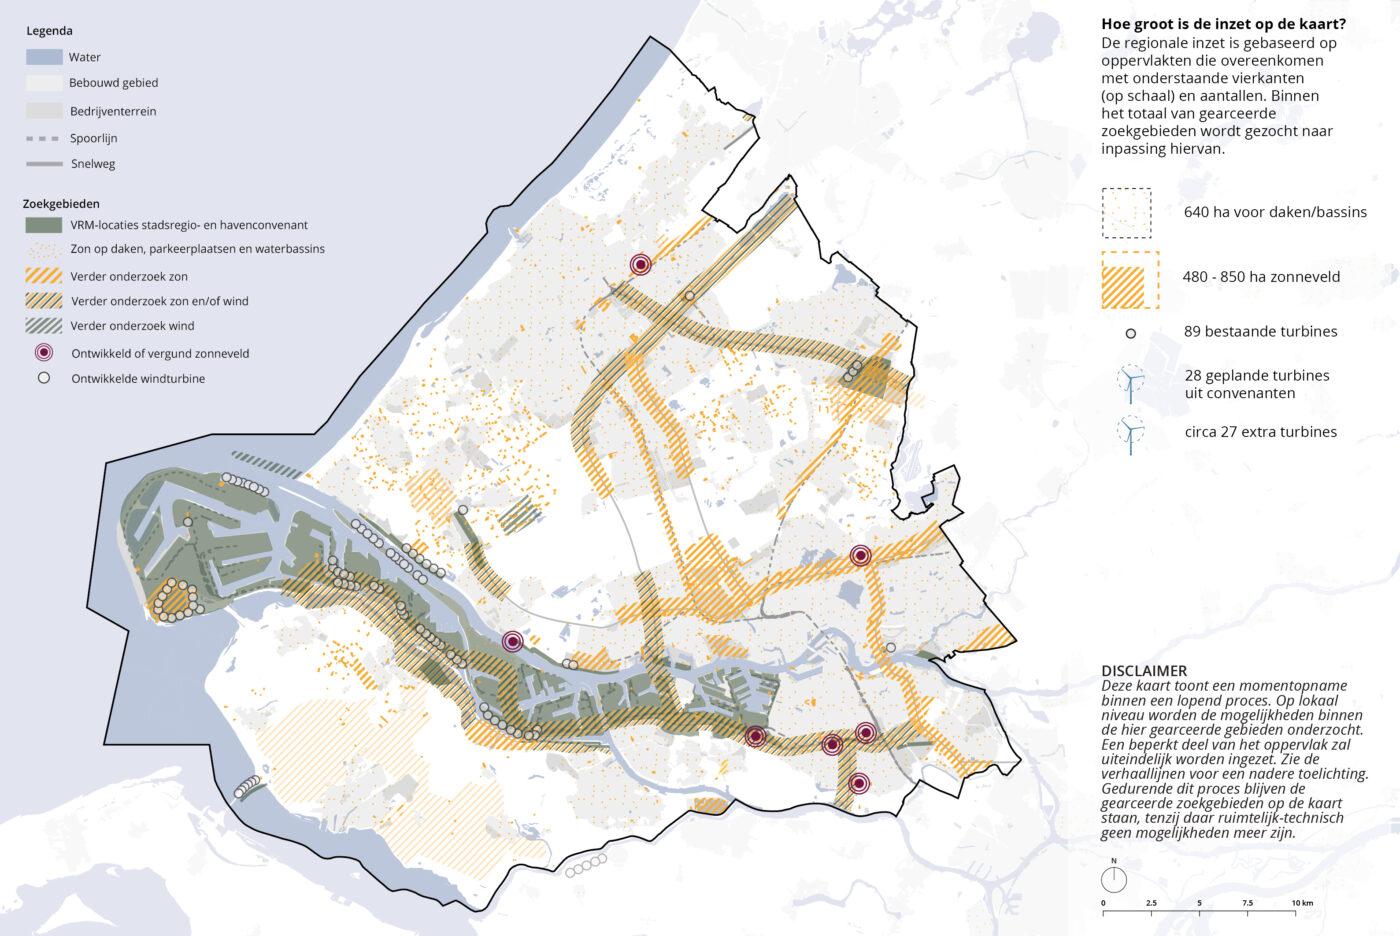 Figuur 4.3 Zoekgebieden voor 2030 in de RES-regio Rotterdam den Haag - uitkomst van de verhaallijnen